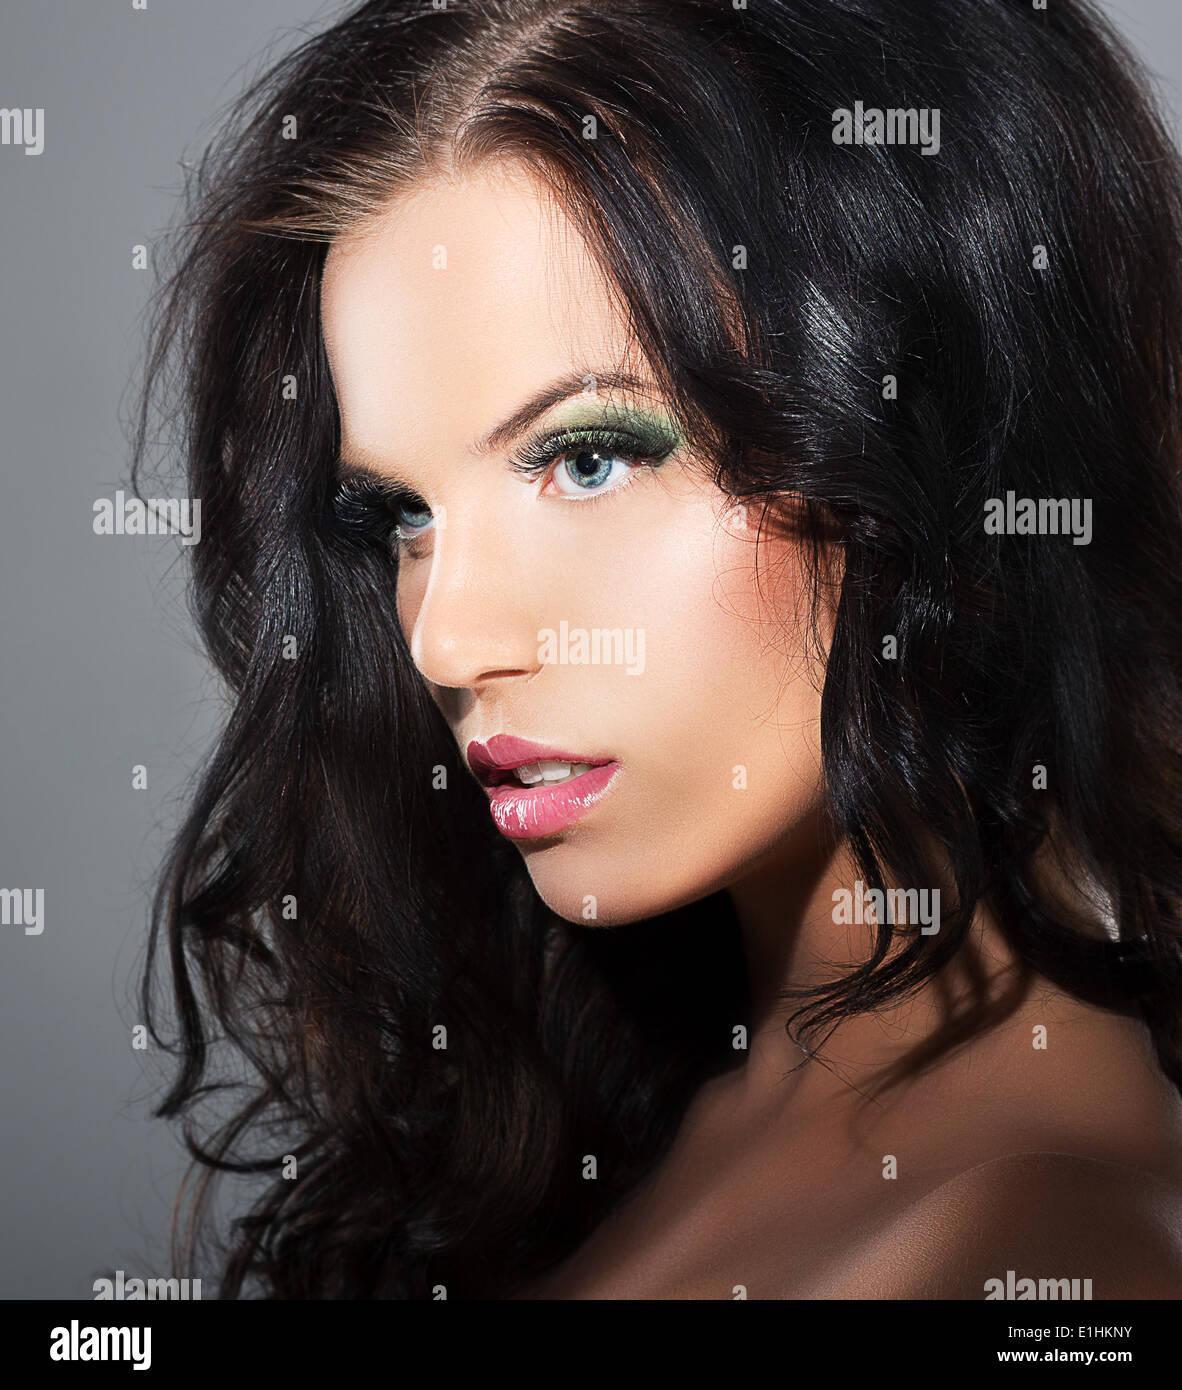 Faszination. Raffinesse. Profil von luxuriösen schöne Brünette Stockbild